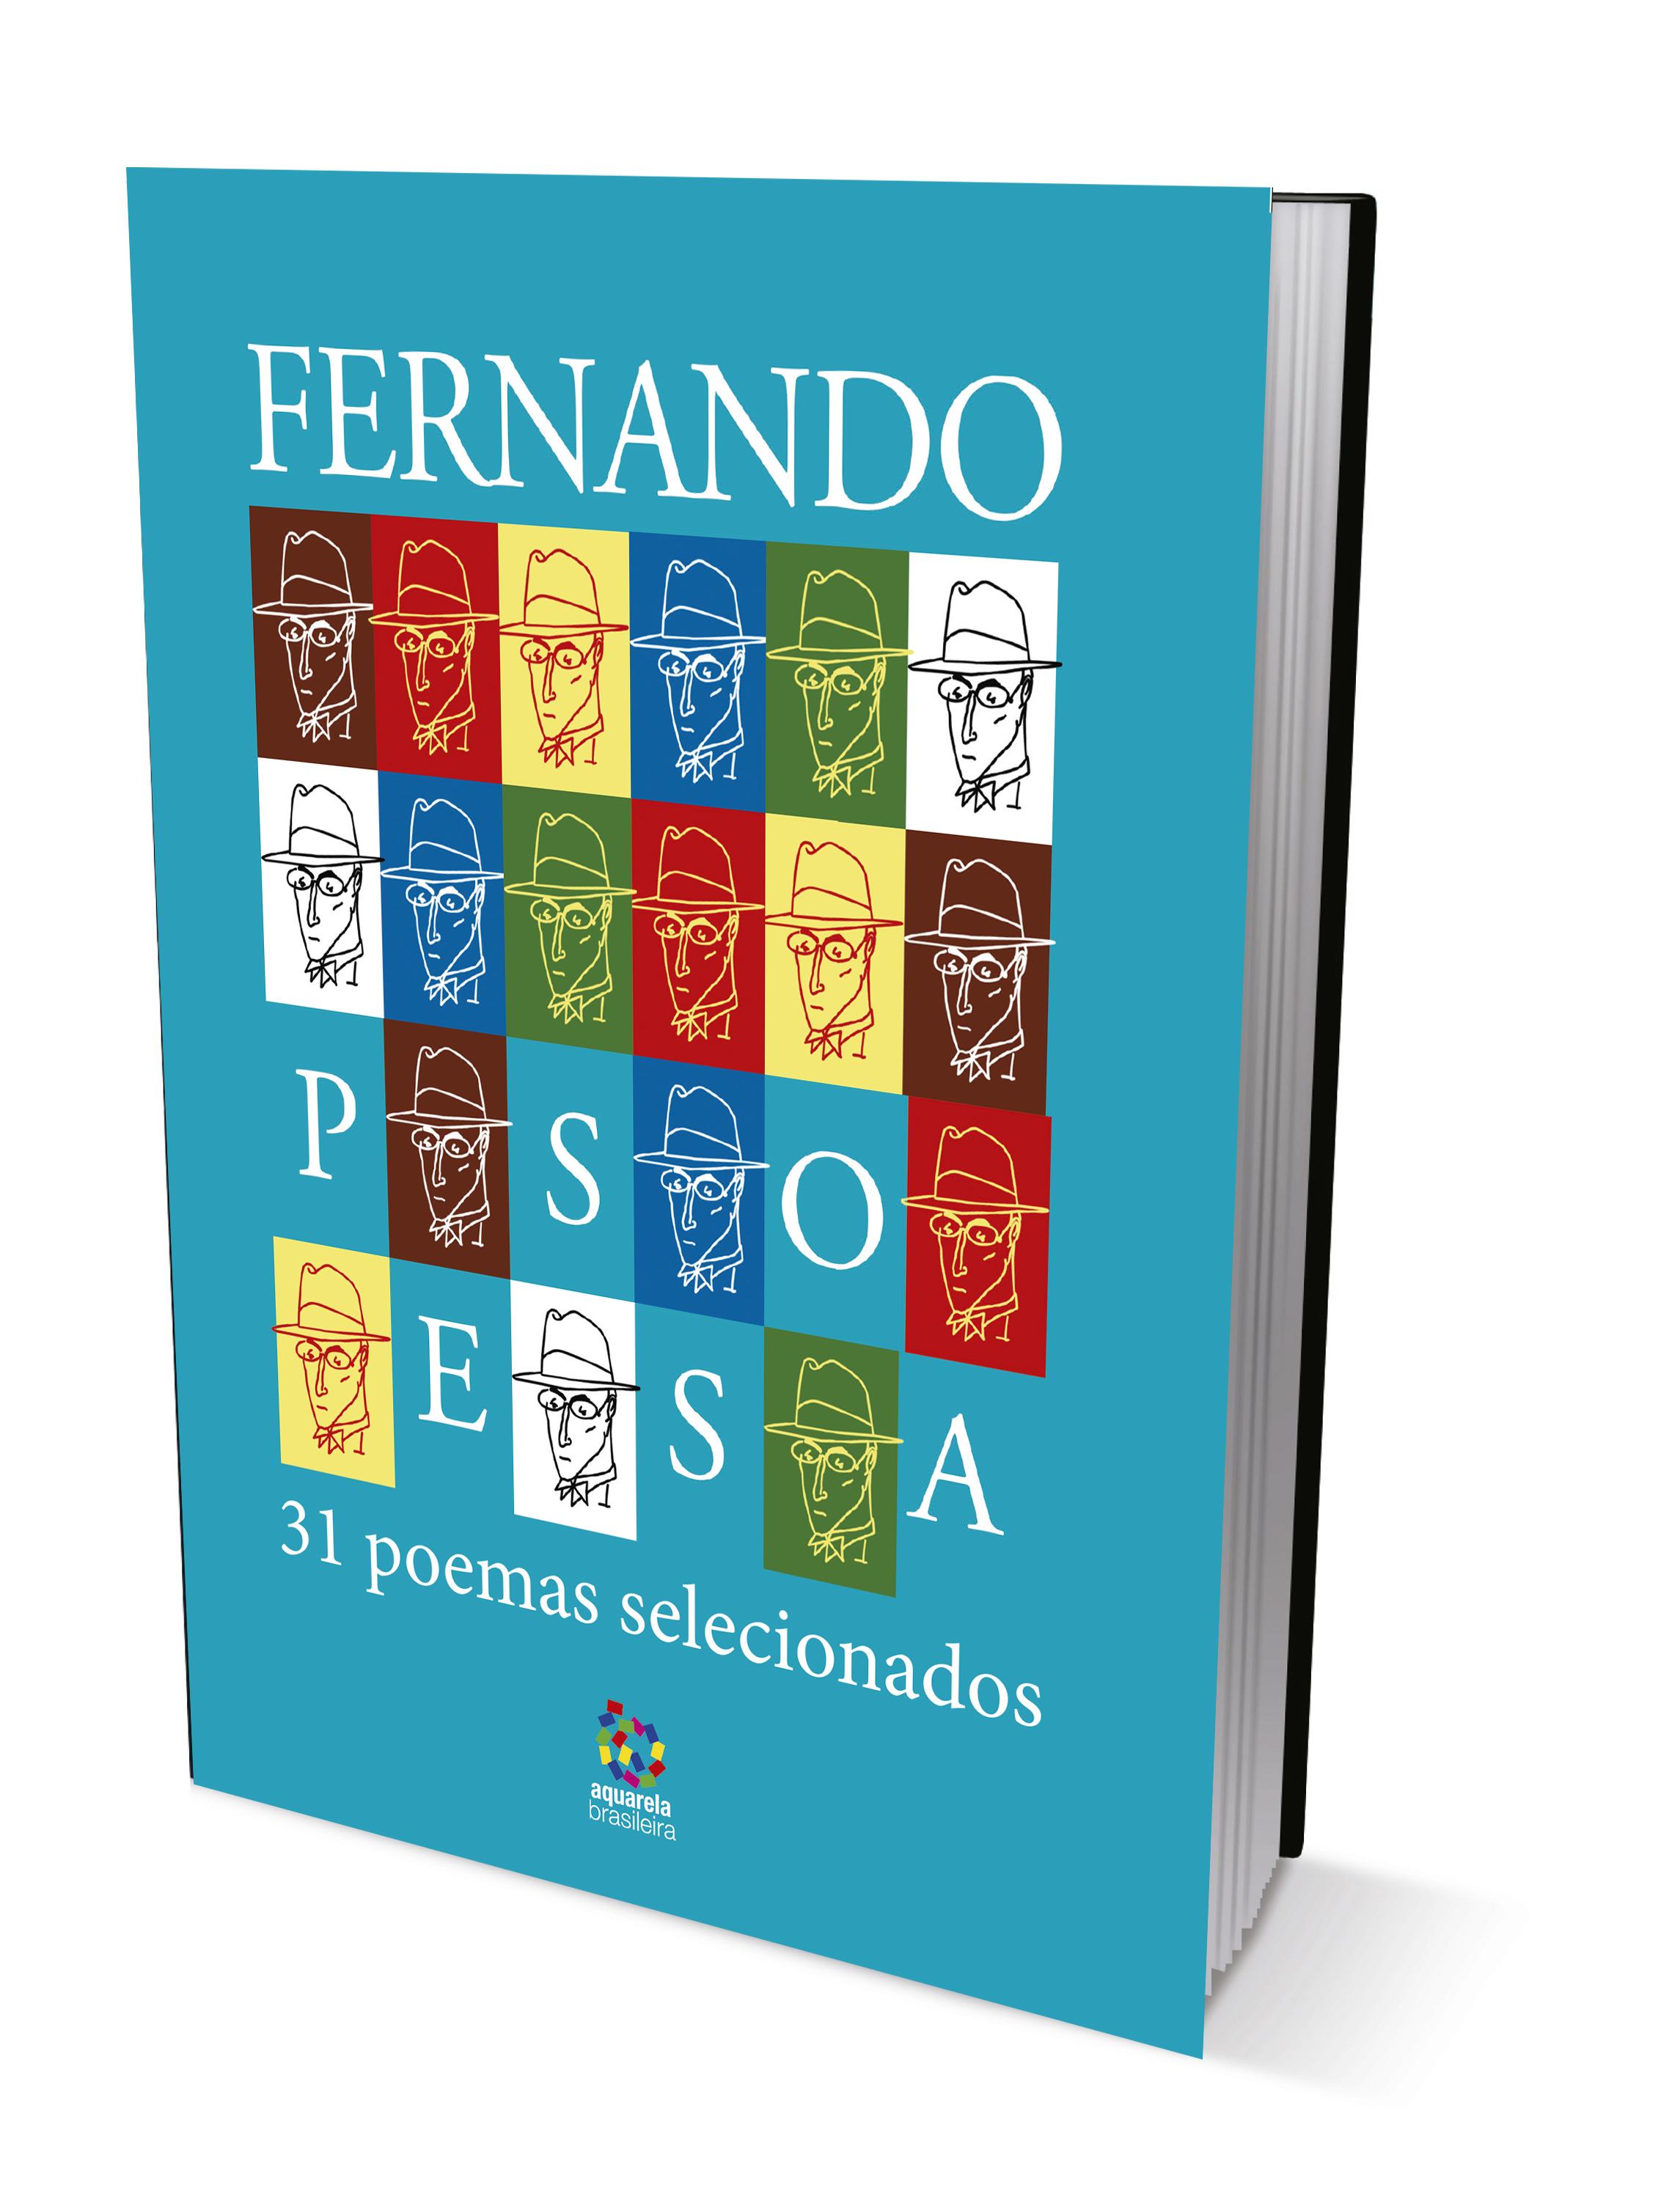 31 poemas selecionados_Fernando Pessoa